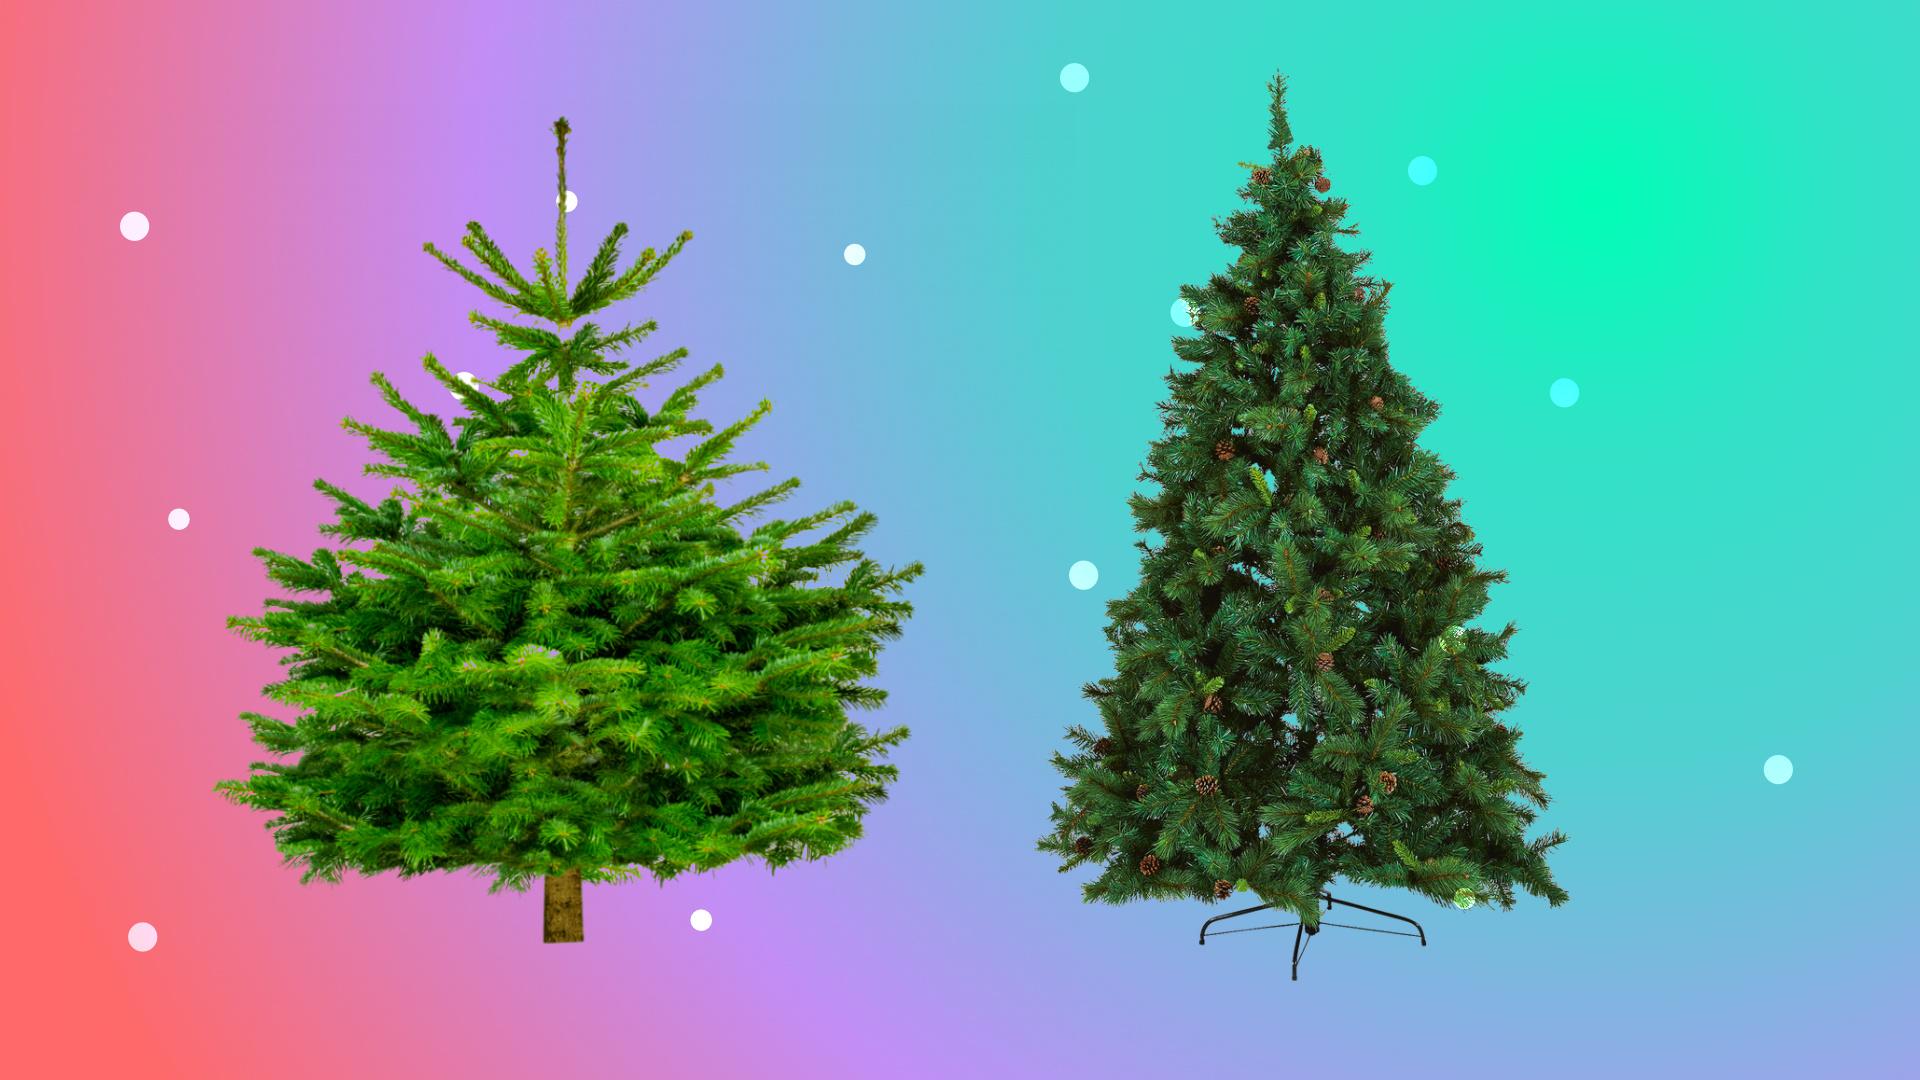 Vrai Sapin De Noël Ou Sapin Synthétique Lequel Est Le Plus